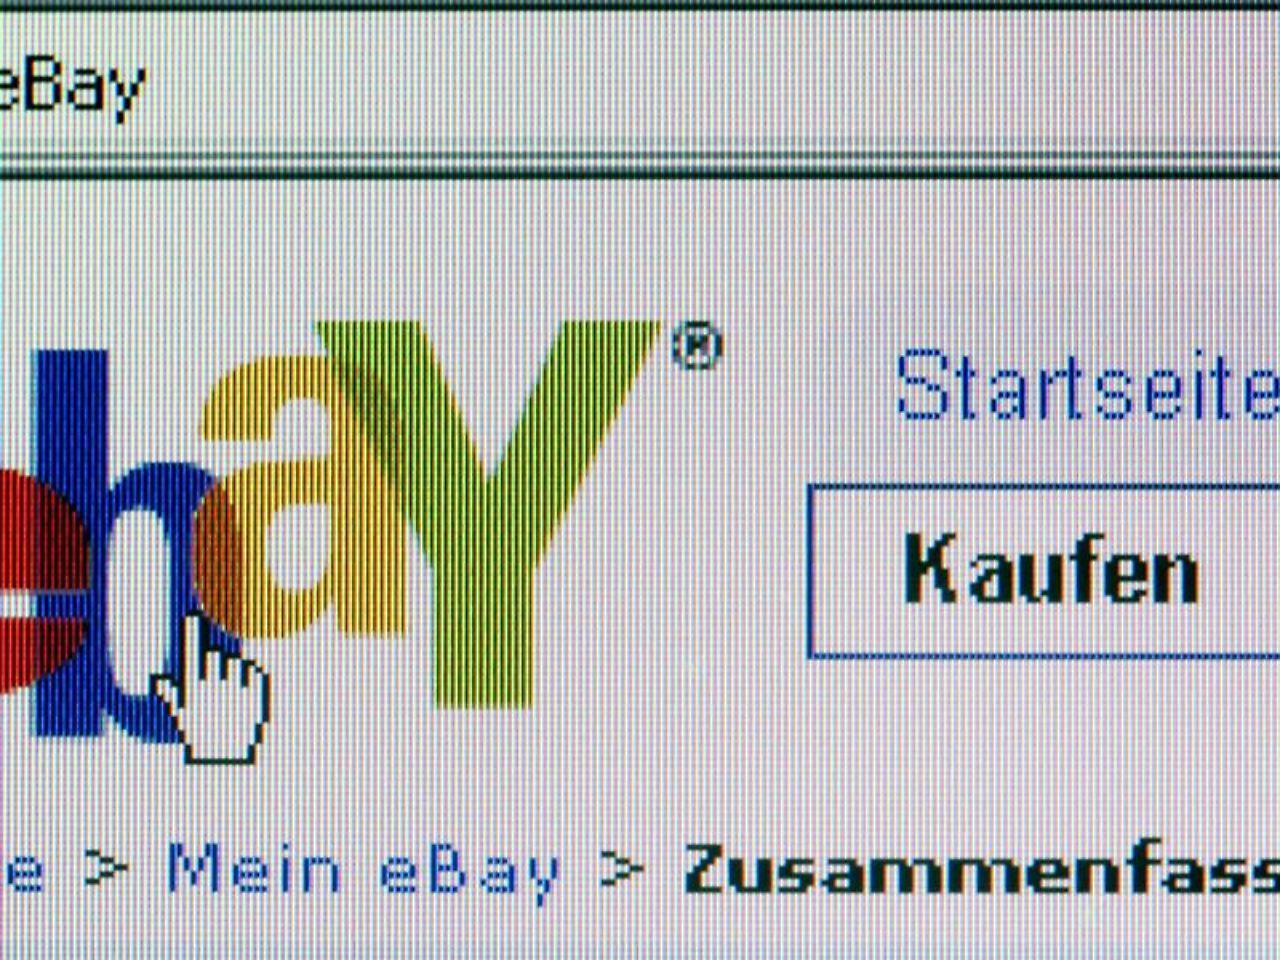 Das kann nach hinten losgehen: Fallen für Ebay-Verkäufer - n-tv.de